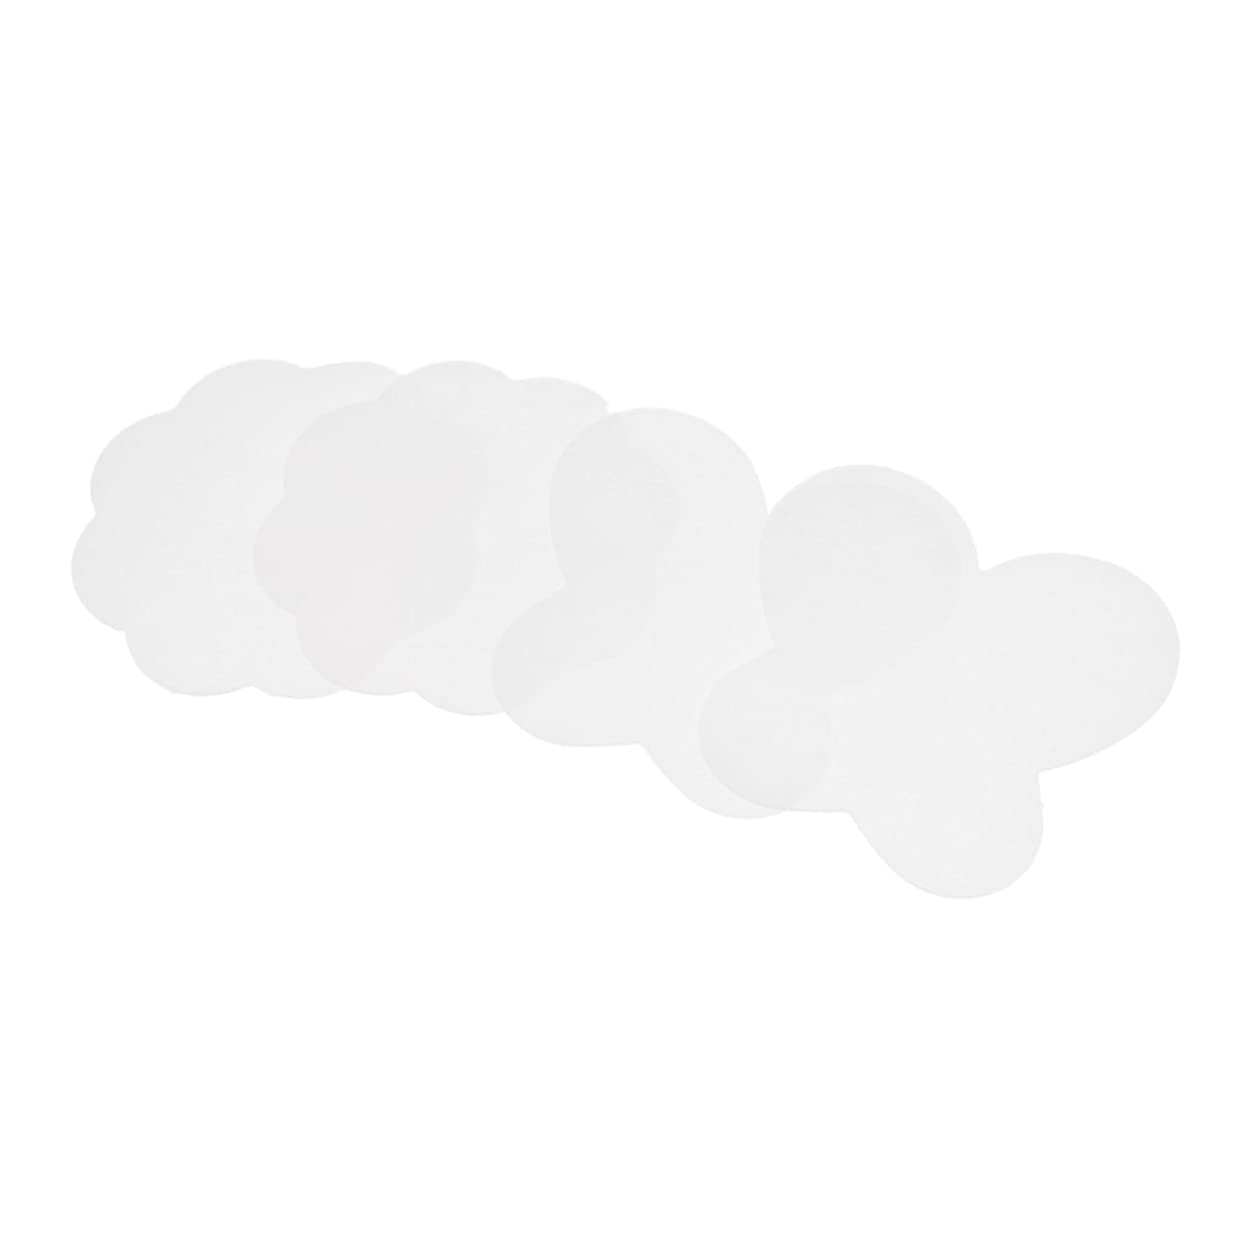 感嘆符デュアル狂乱B Blesiya 4個 ネイルアートパッド シリコン ペイントパレットマット 折りたたみ式 蝶 ネイルアートスタンプパッド DIY 全4色 - クリア